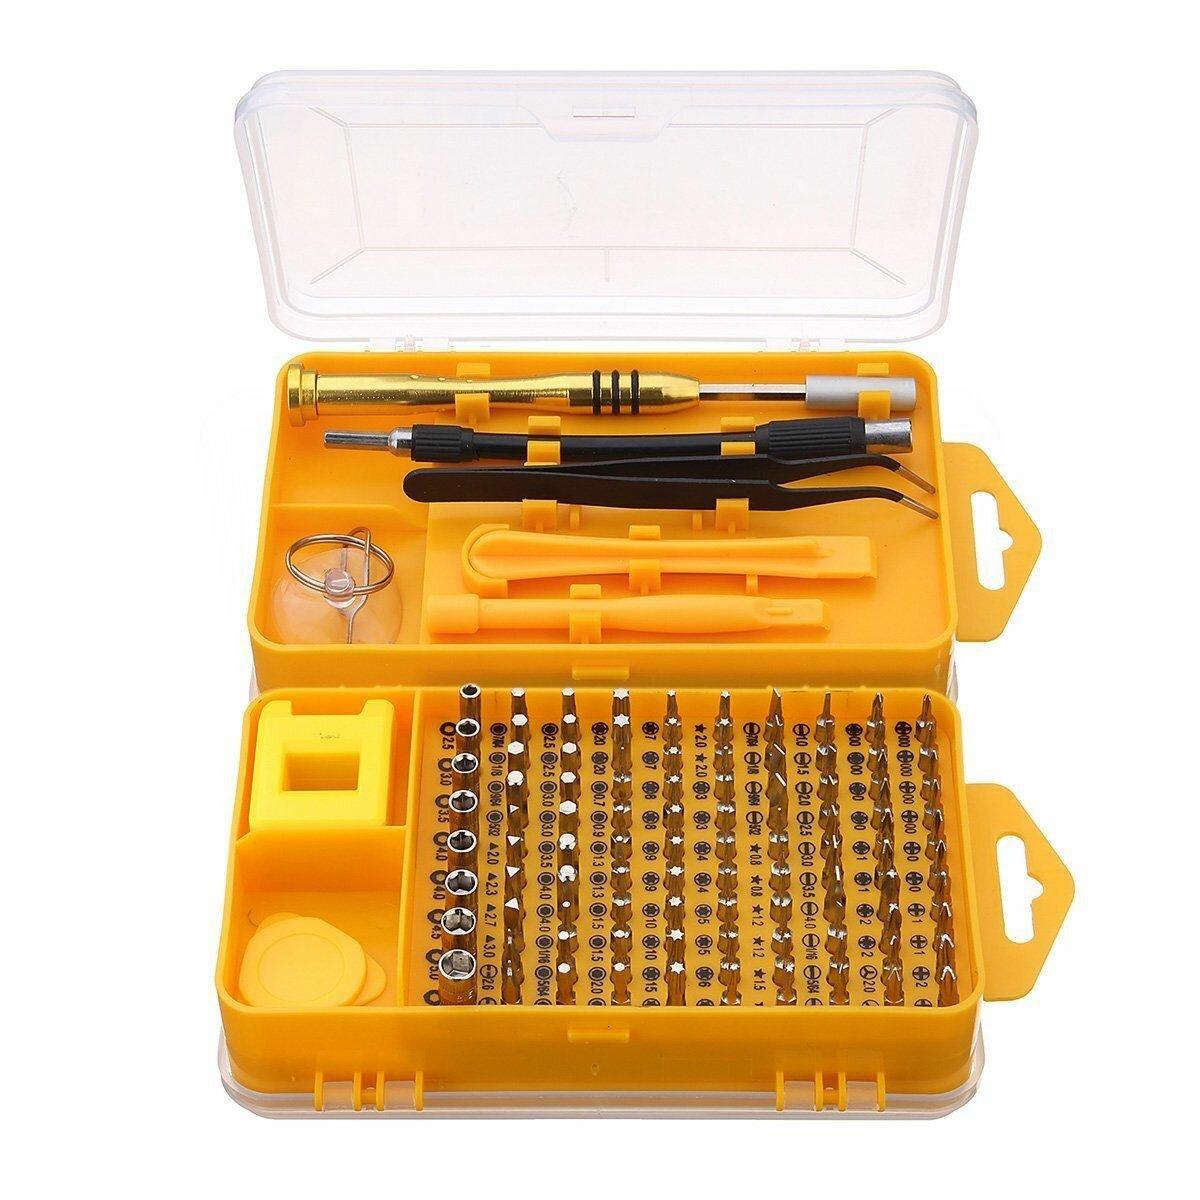 Raitool 110 in 1 Multifunction Screwdriver Set Watches Phone Repair Tools Bits Kits DIY